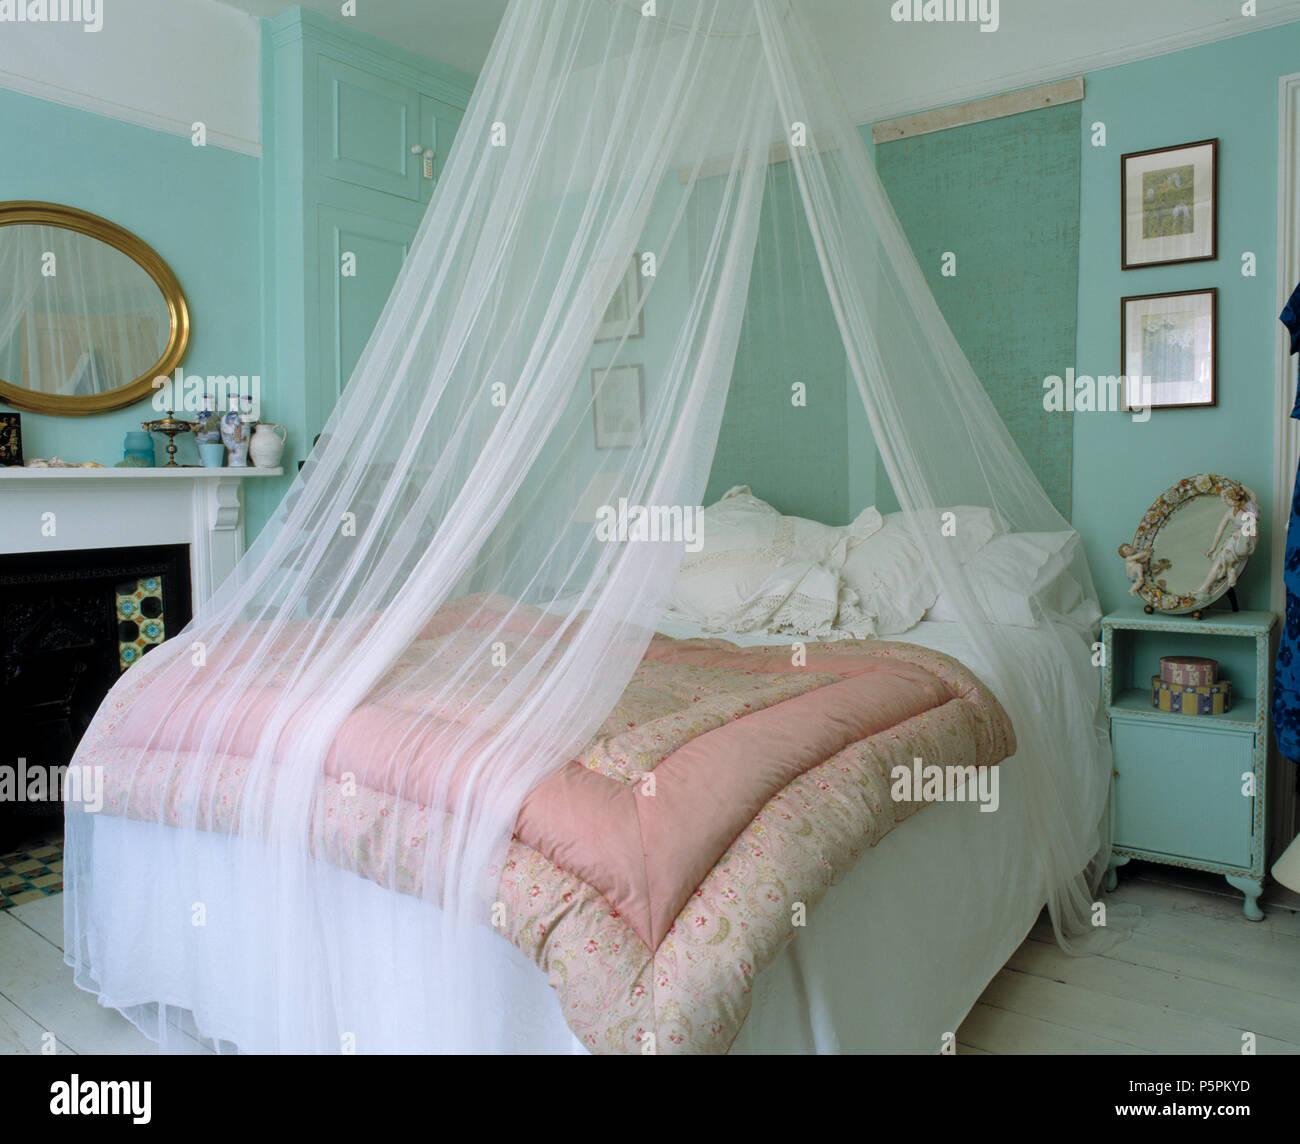 Cortinas de velo blanco encima de la cama con edred n for Cortinas vintage dormitorio